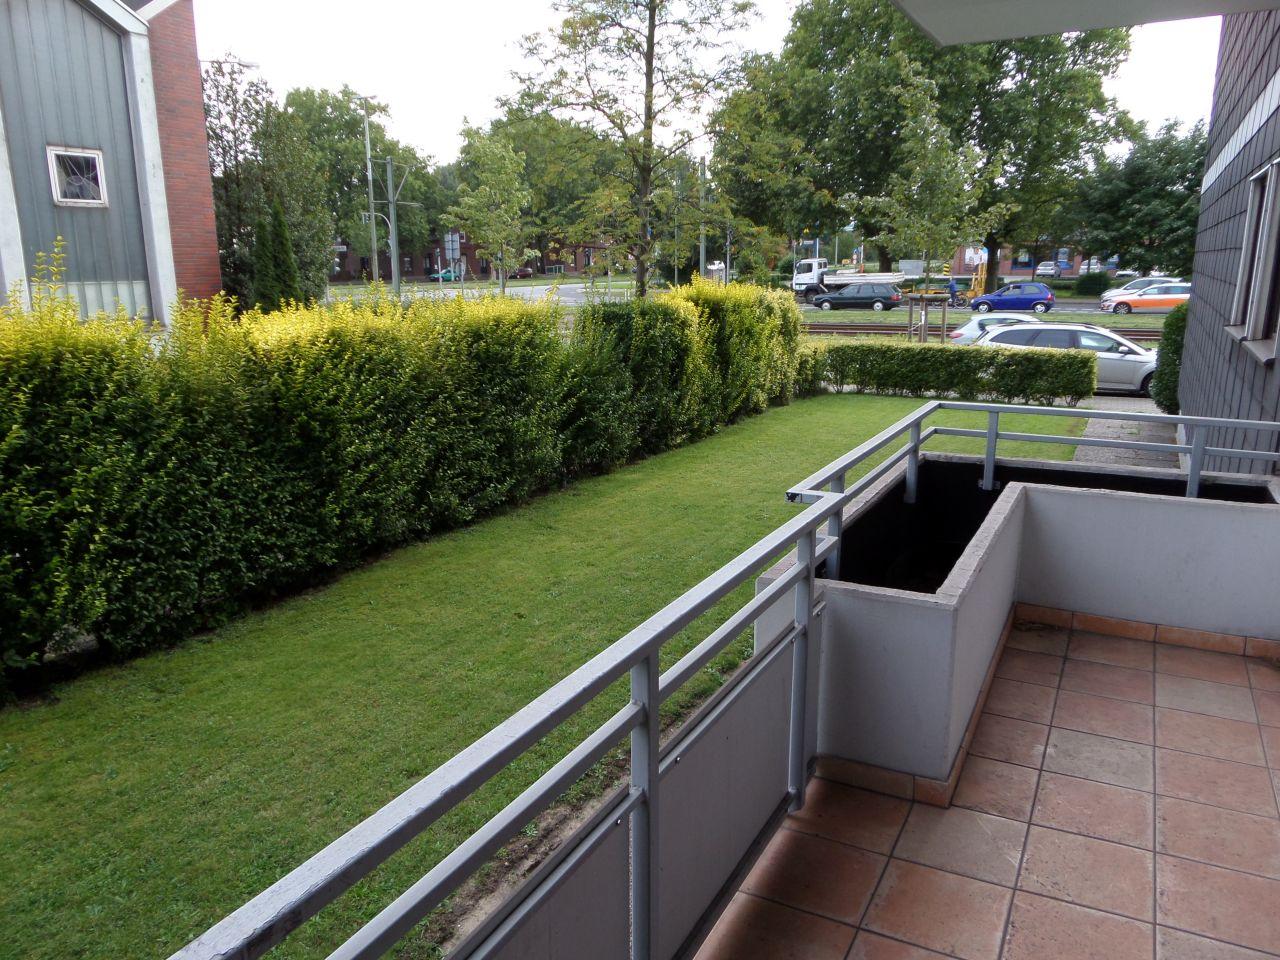 Квартира в земле Северный Рейн-Вестфалия, Германия, 42 м2 - фото 1